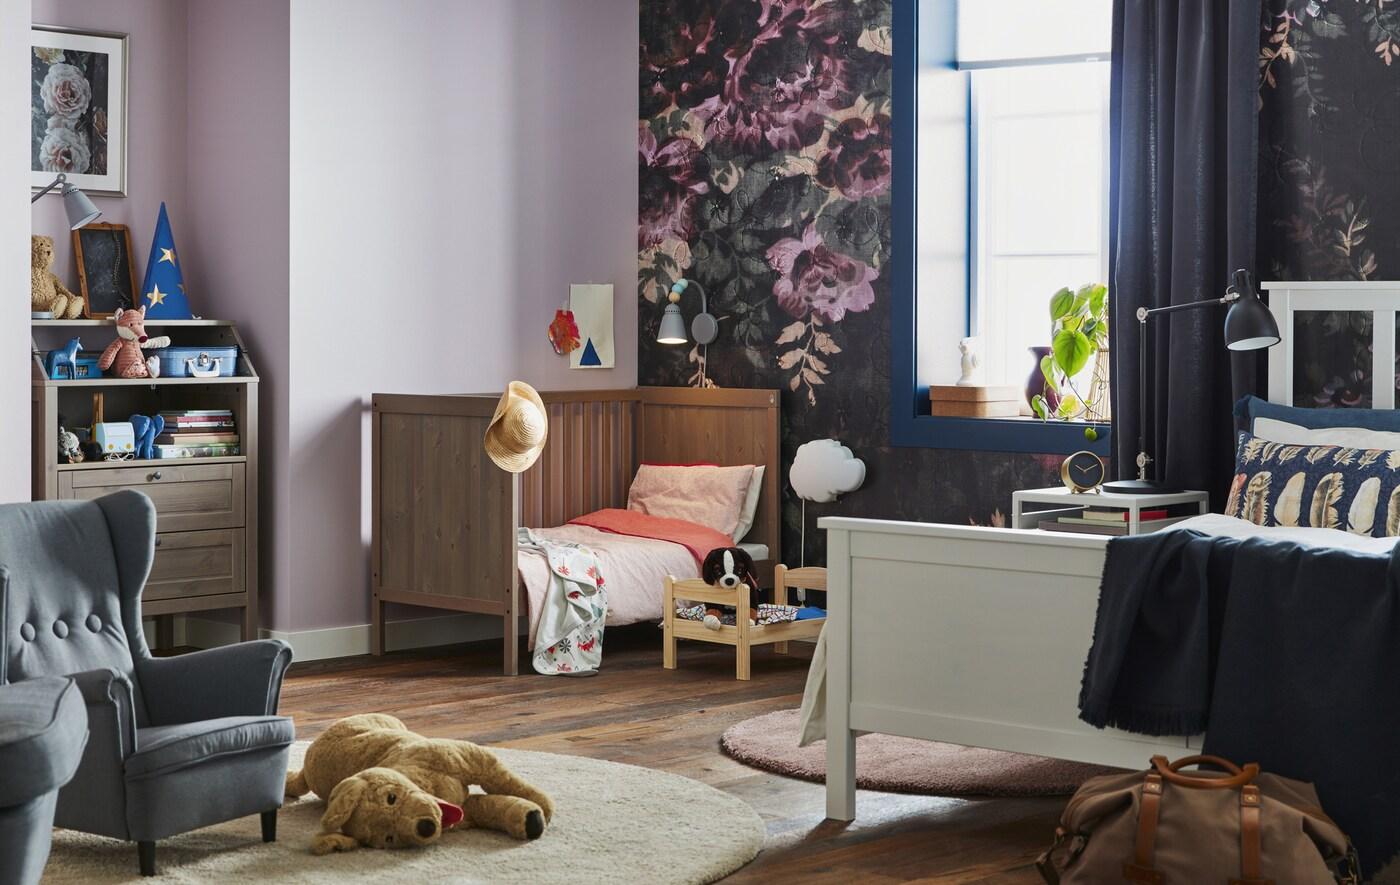 صورة لغرفة نوم مع سرير مزدوج وسرير أطفال ولعب للأطفال.